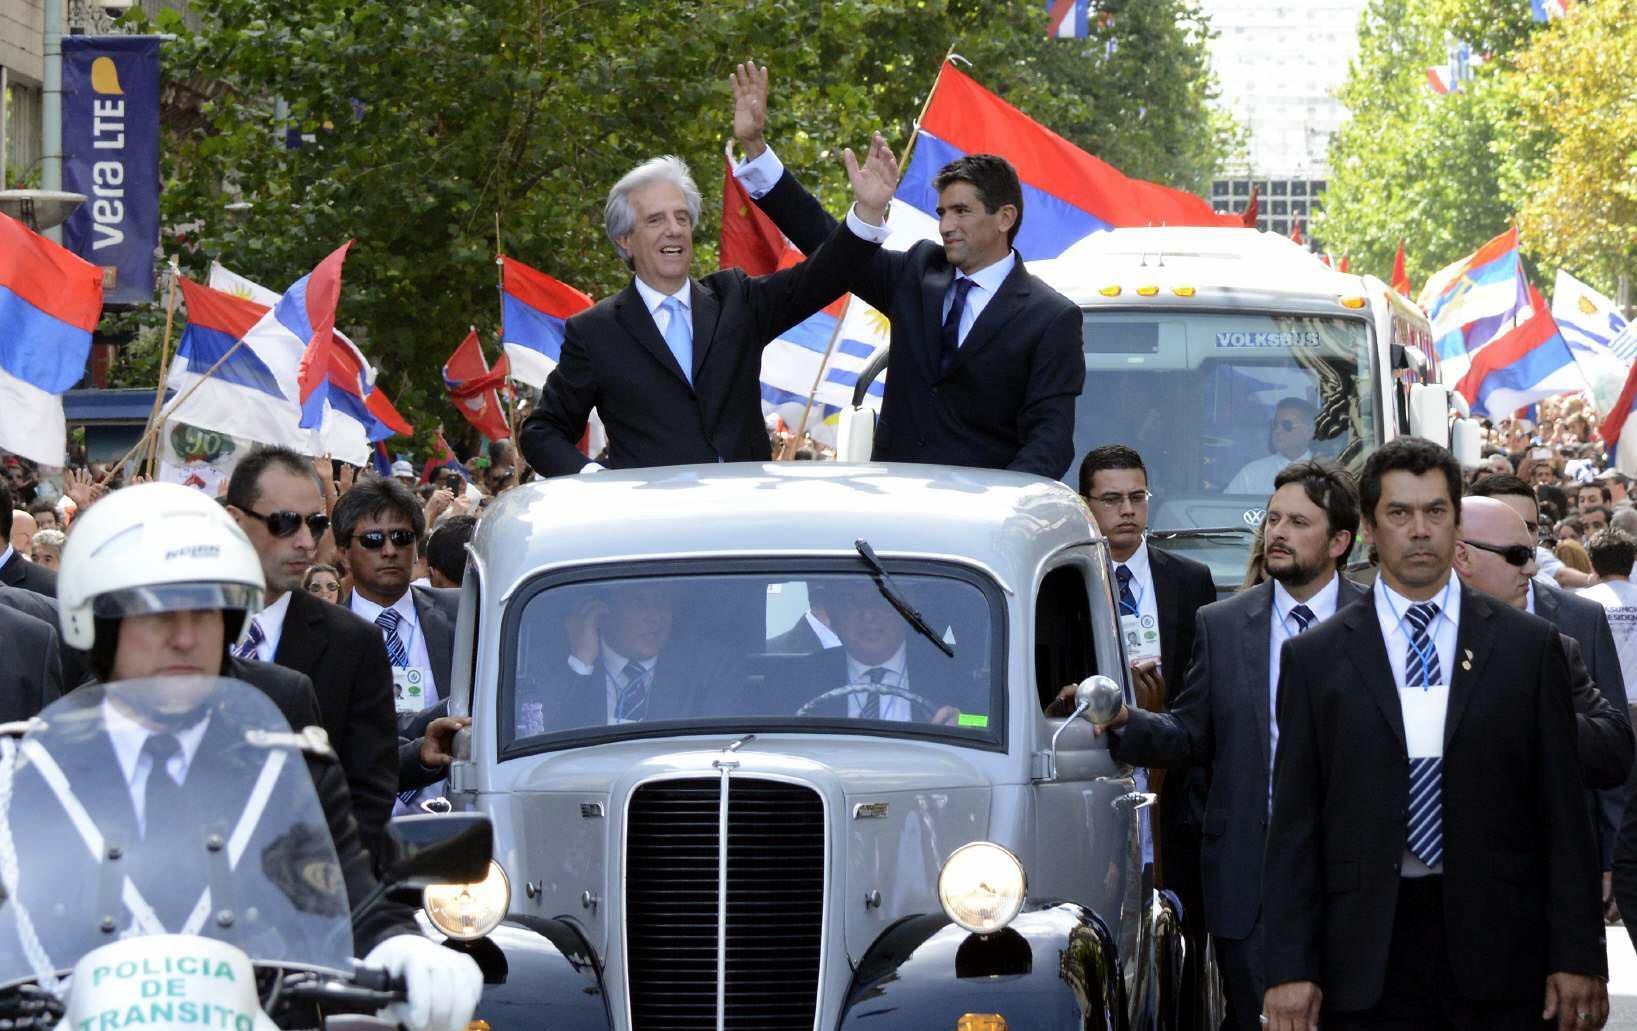 Tabaré Vázquez, y el vicepresidente, Raúl Sendic, desfilaron desde el Palacio Legislativo hasta la Plaza Independencia en un Fordson 1951.